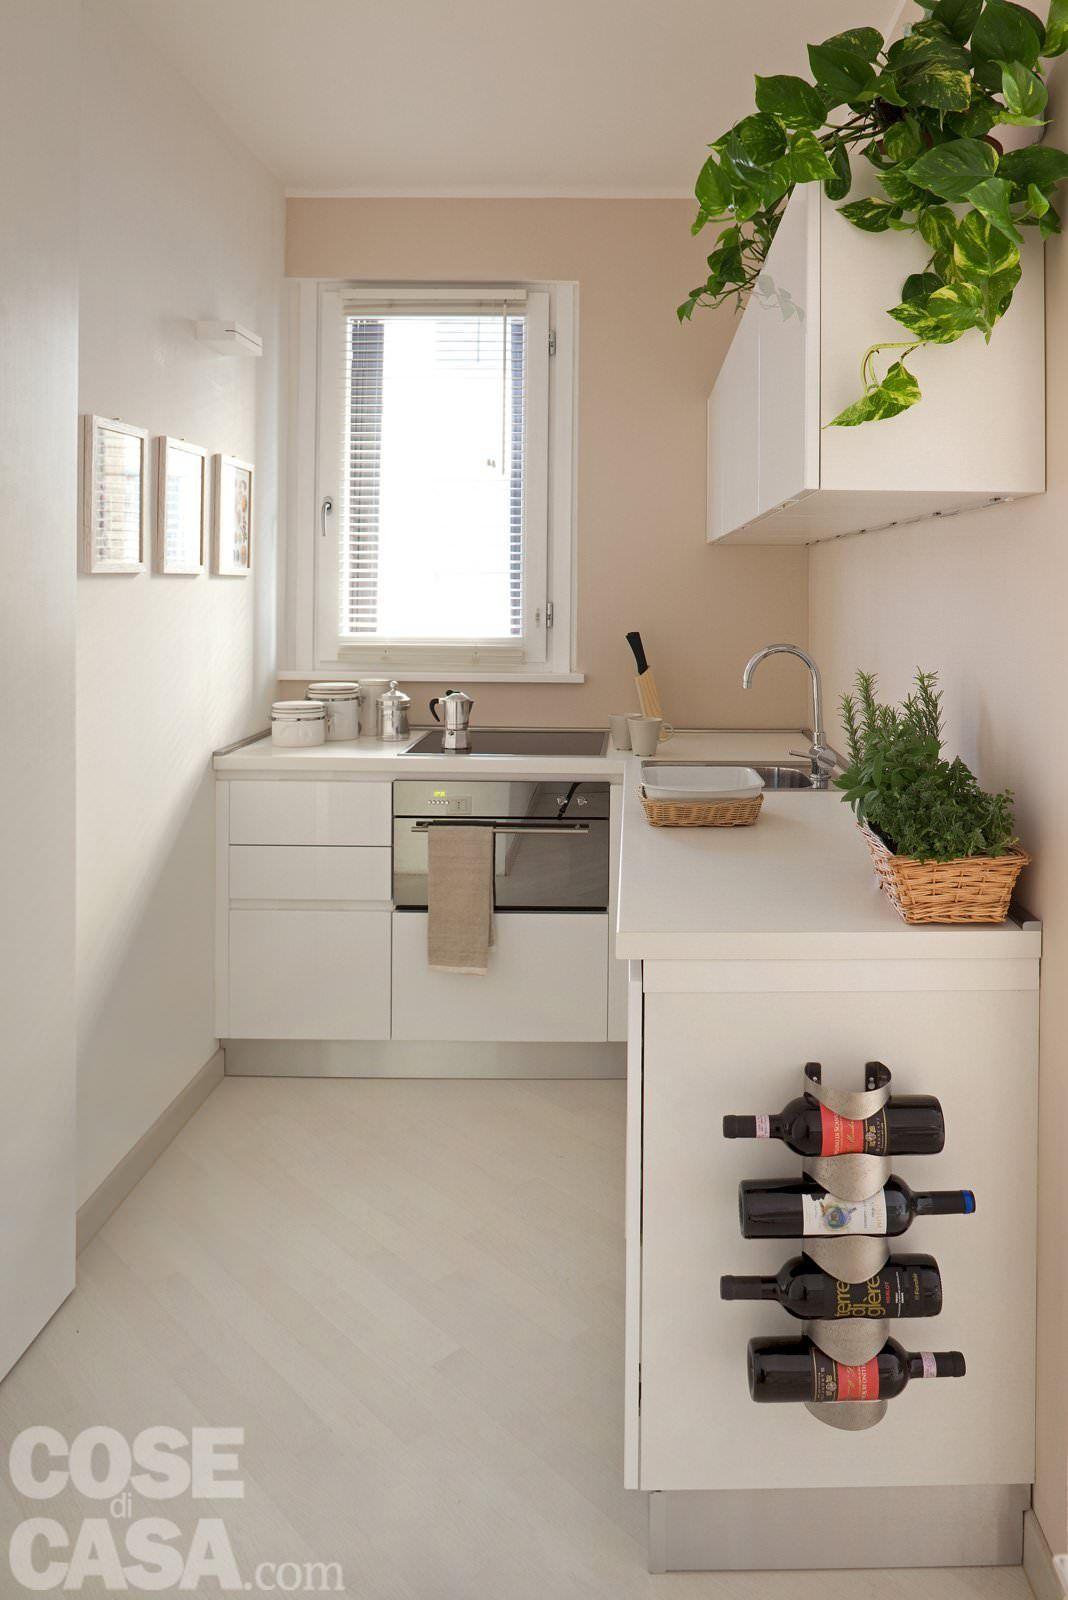 Pensile Angolare Cucina Ikea 50 idee cucine piccole • soluzioni per una cucina pratica e